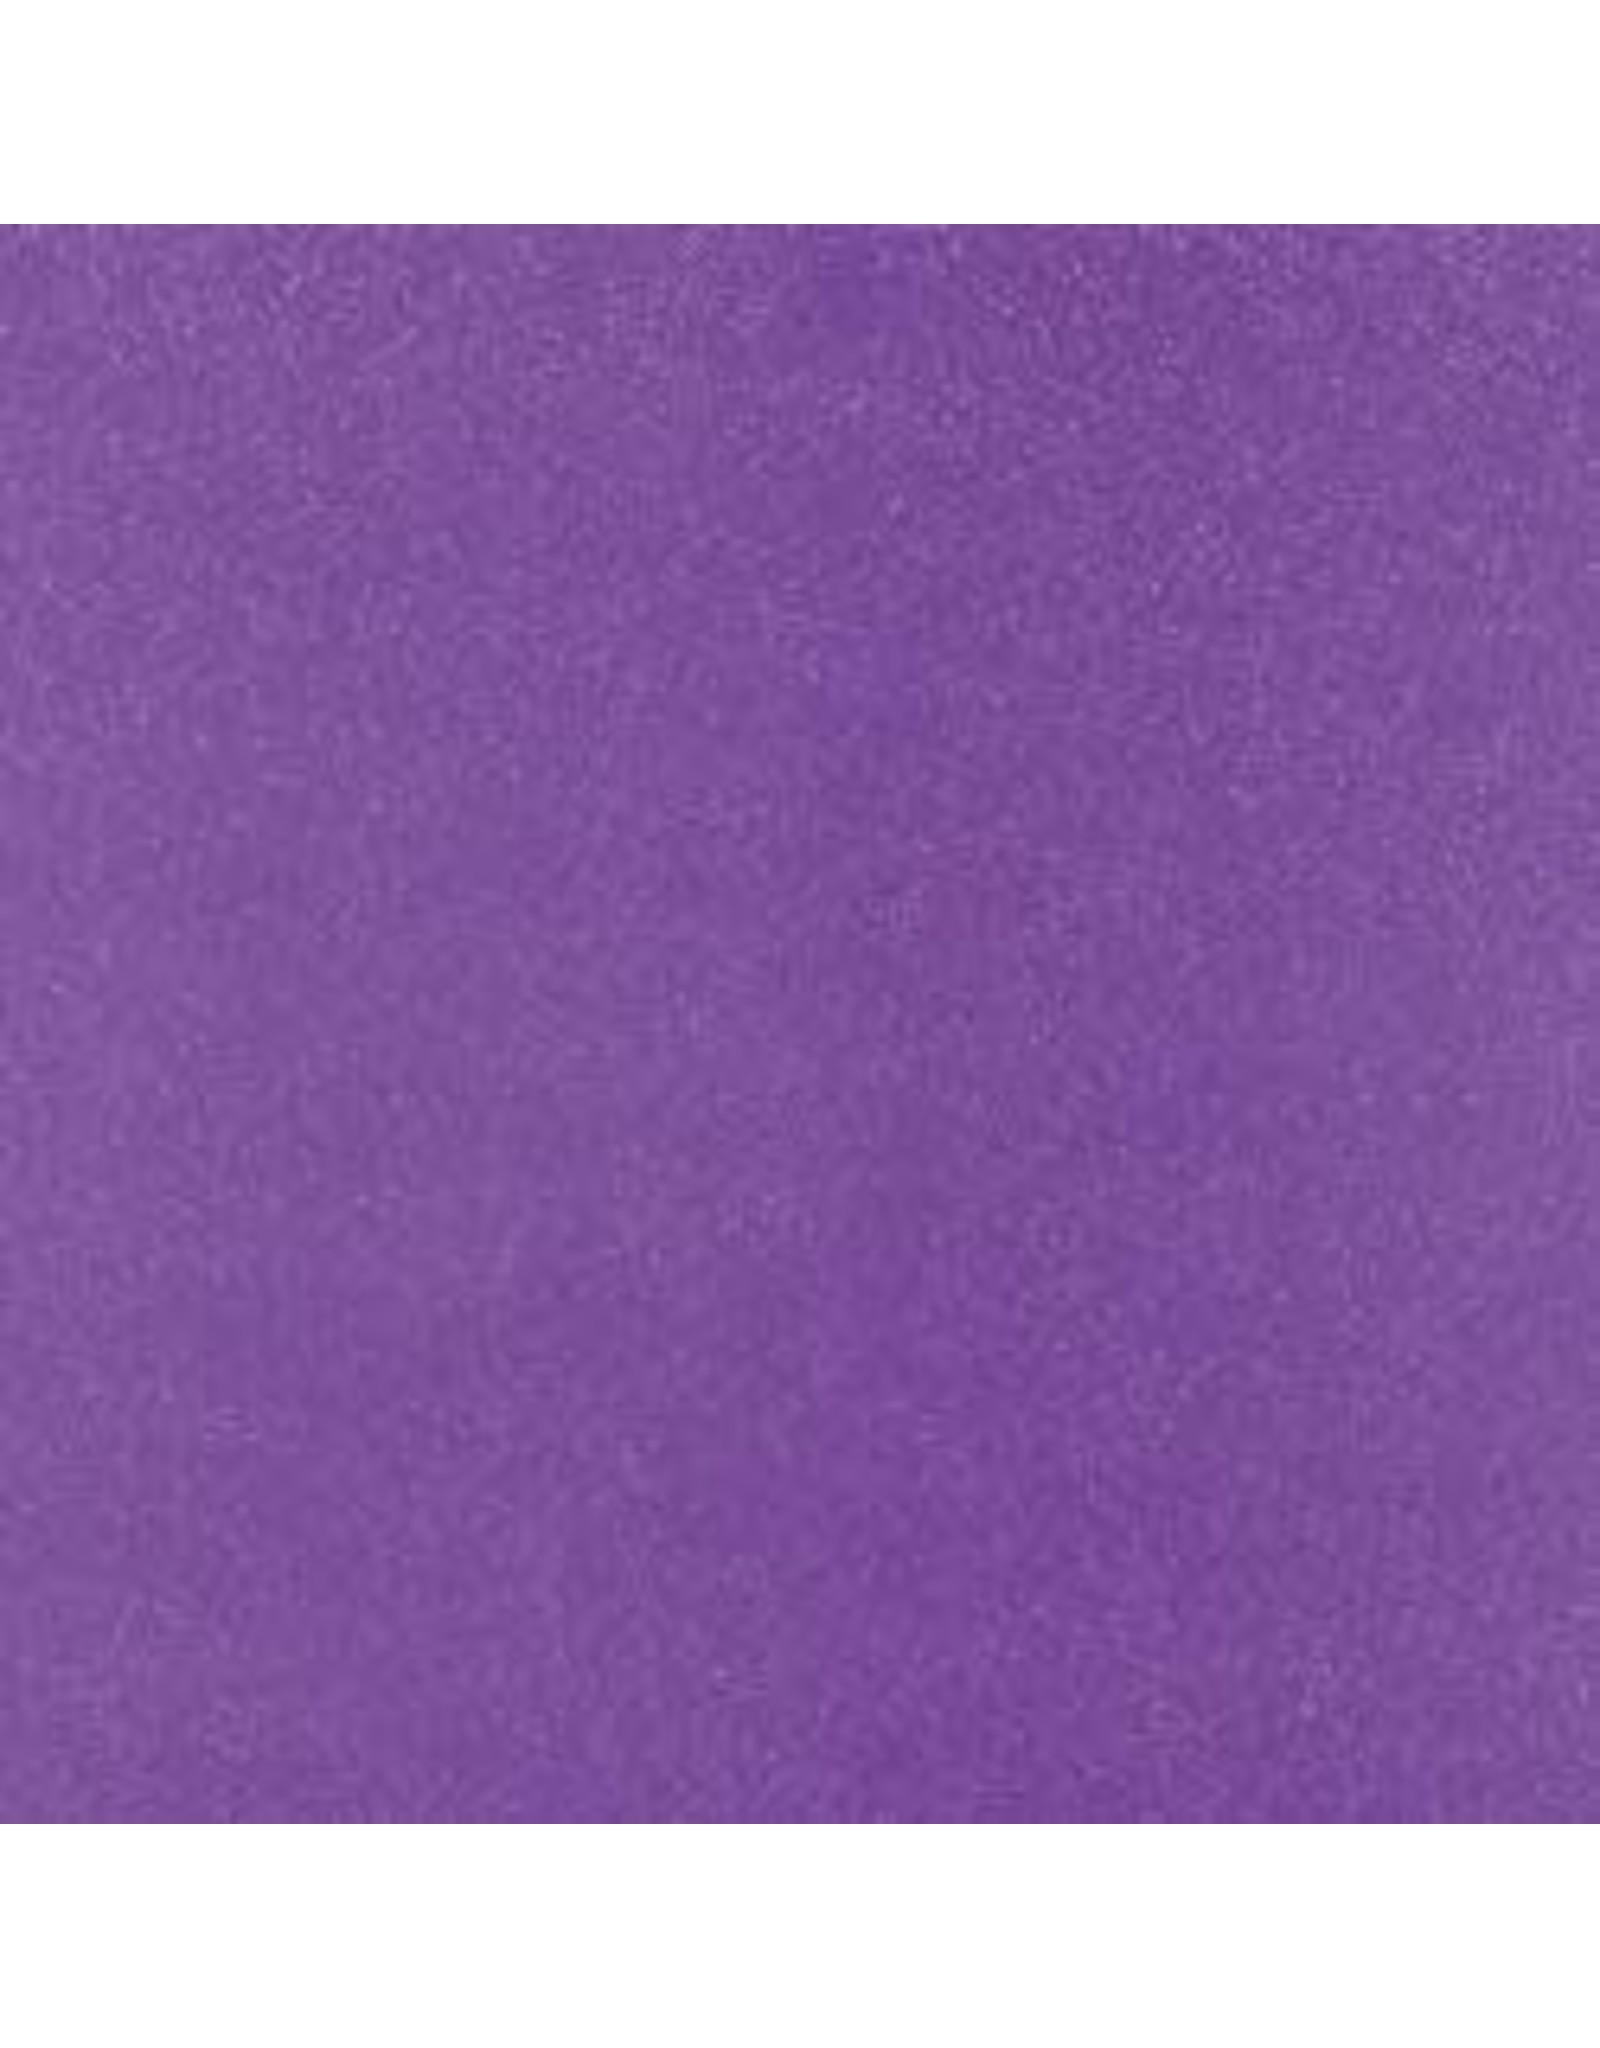 Doodlebug Design 12x12 lilac sugar coated cardstock